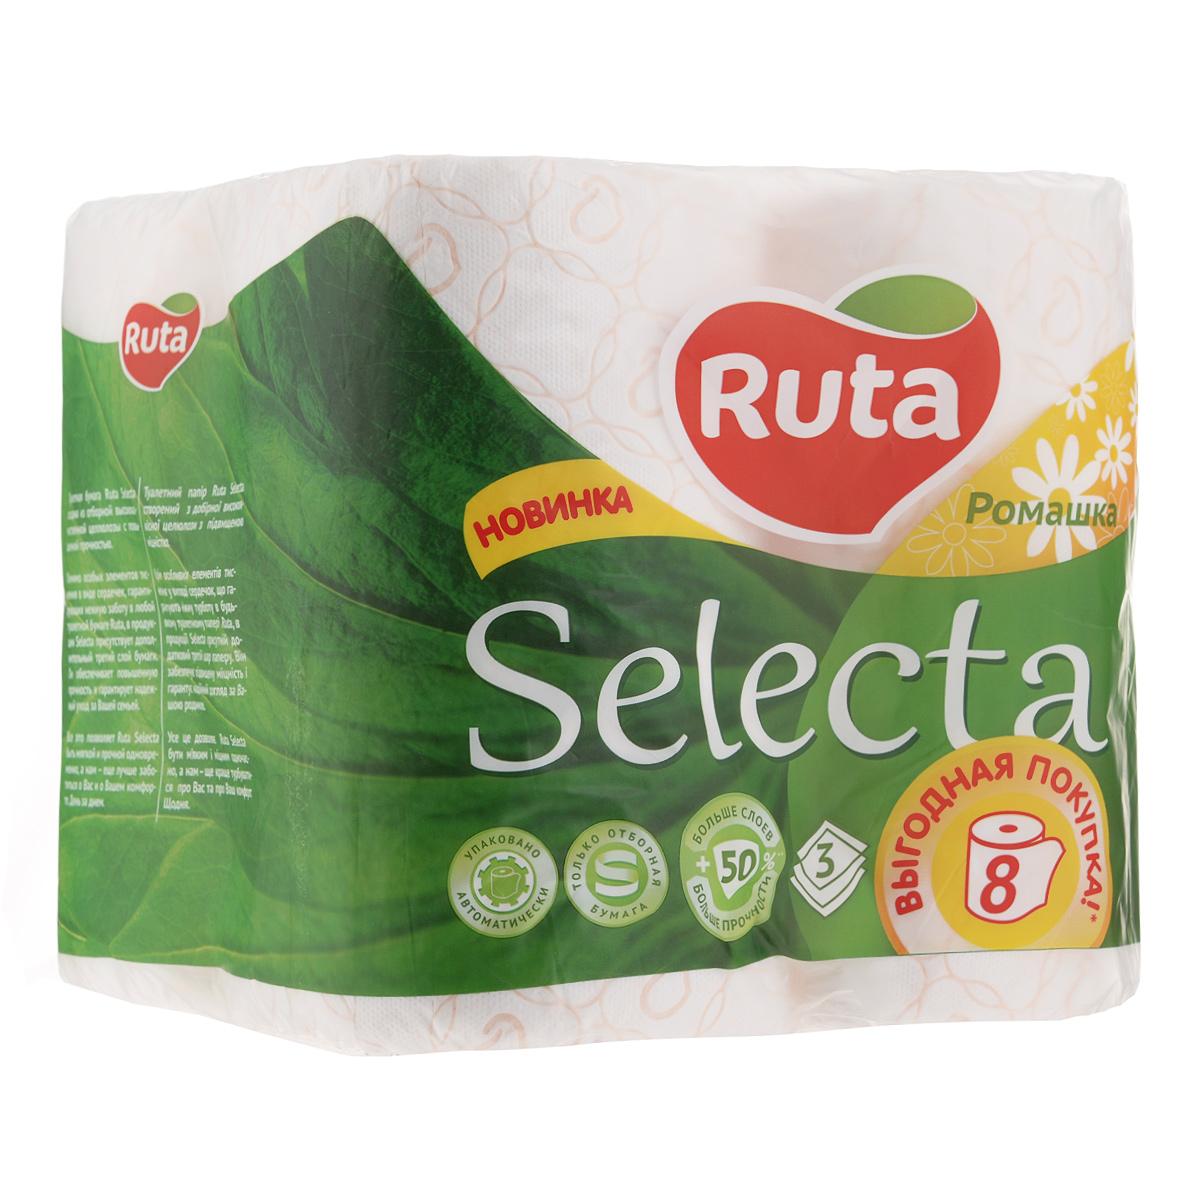 Туалетная бумага Ruta Ромашка, трехслойная, цвет: оранжевый, 8 рулонов14025Трехслойная туалетная бумага Ruta Ромашка имеет рисунок с тиснением и обладает приятным ароматом цветков ромашки. Необыкновенно мягкая и шелковистая бумага изготовлена из экологически чистого, высококачественного сырья - 100% целлюлозы. Мягкая, нежная, но в тоже время прочная, бумага не расслаивается и отрывается строго по линии перфорации. Товар сертифицирован.